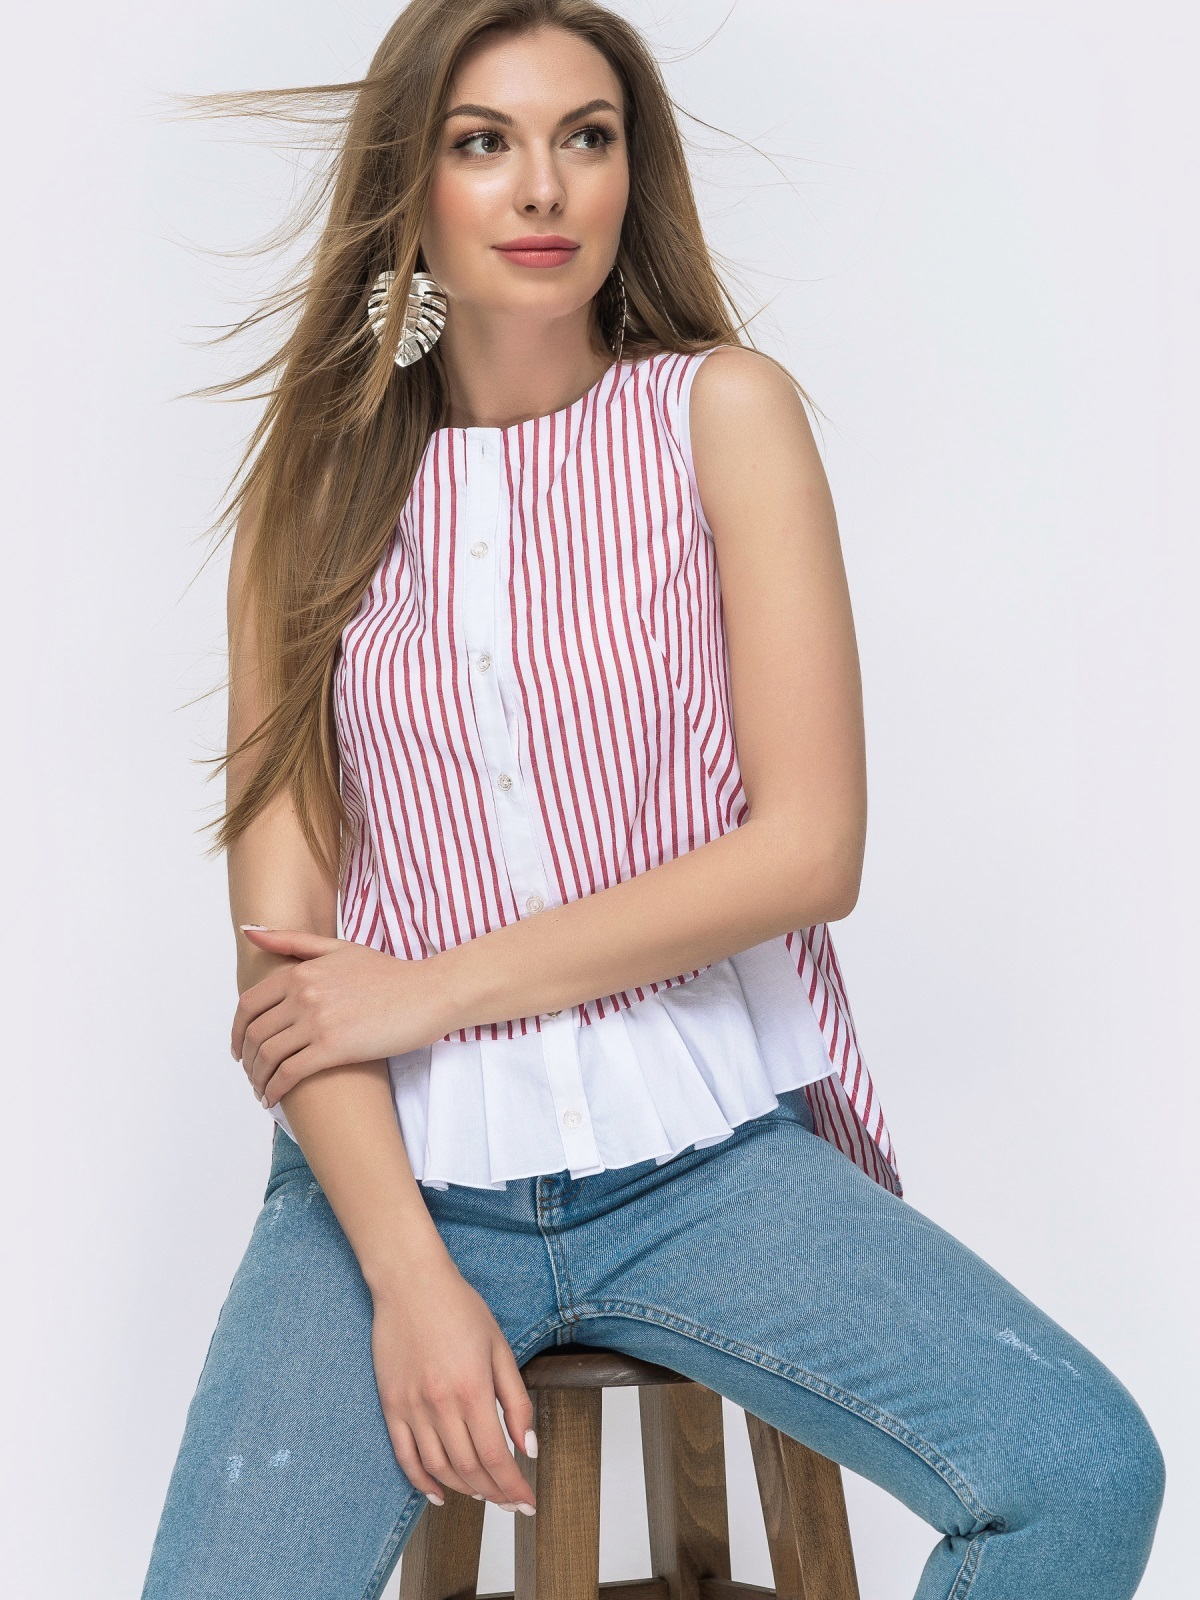 Хлопковая рубашка в полоску с удлинённой спинкой красная 47469, фото 1